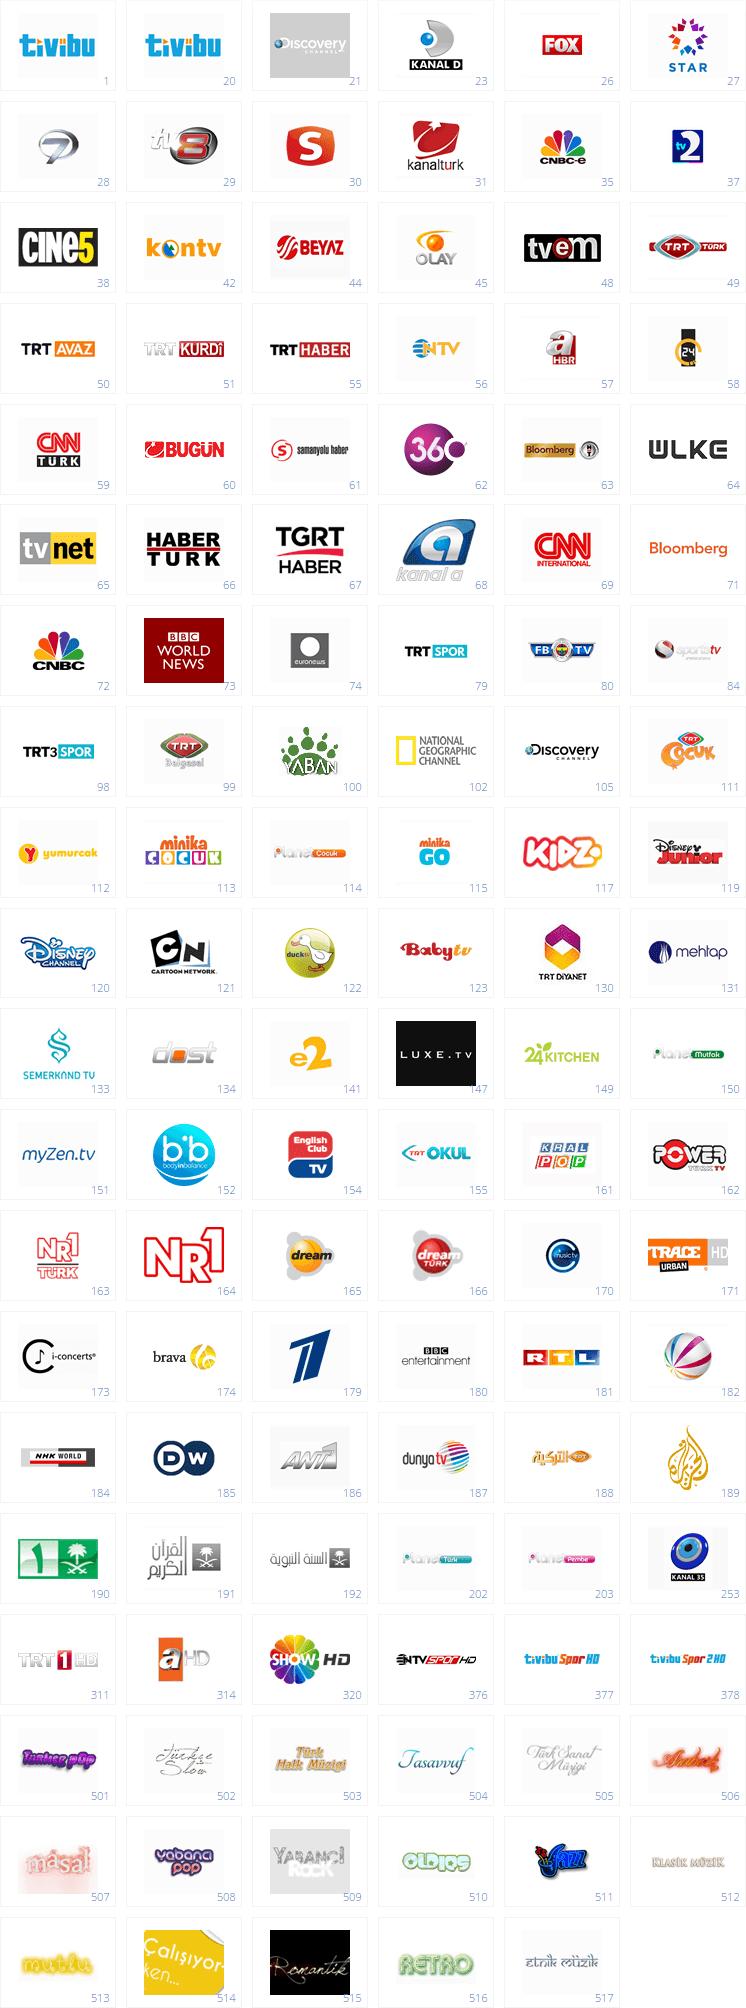 tivibu-go-maxi-channel-list